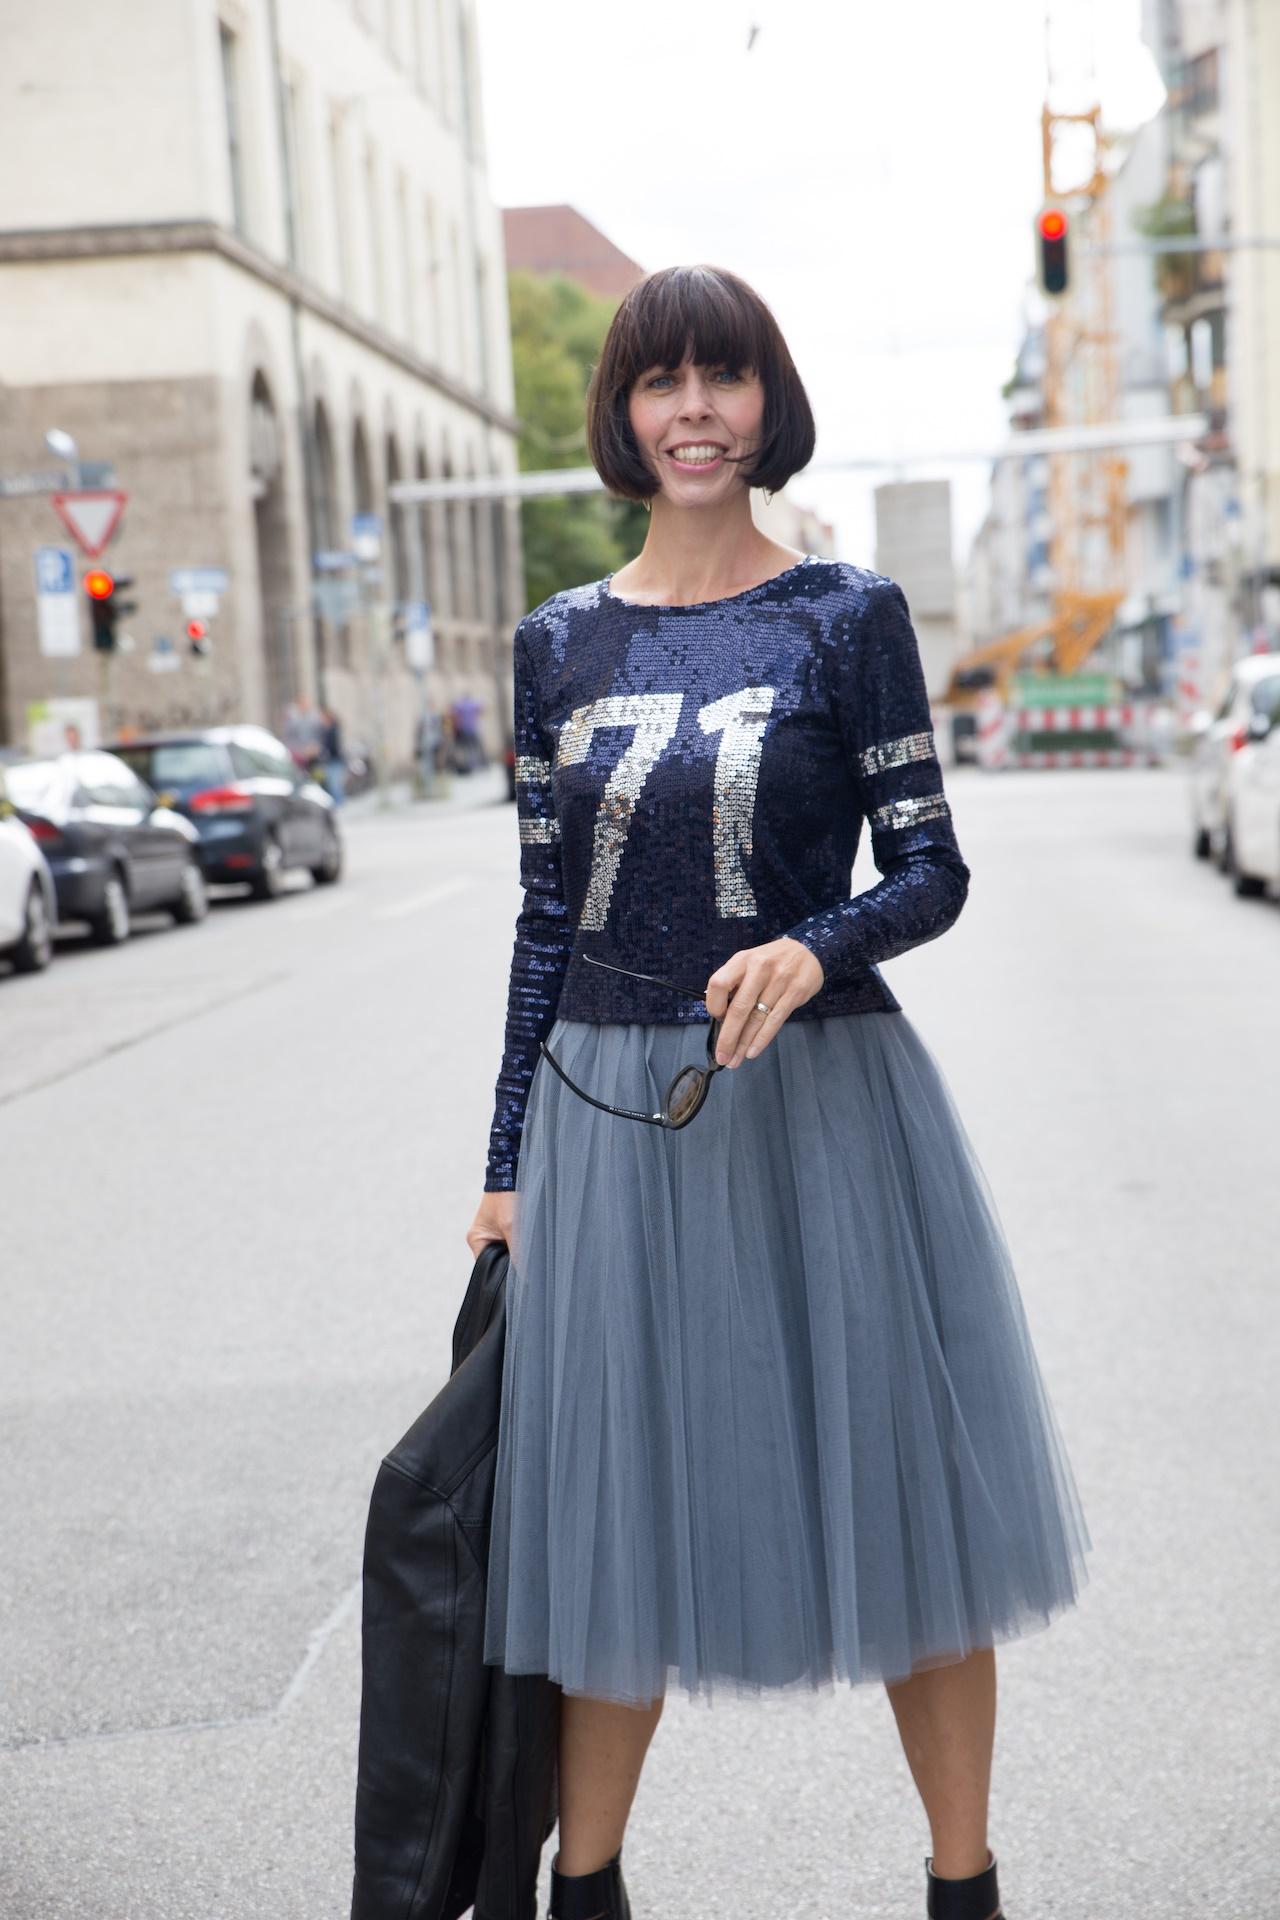 glamupyourlifestyle bloggerinterview Stilberatung-München Stil modische-Inspirationen Stilberatung ü-40-blog ü-50-blog ue-40-blog ü-40-mode